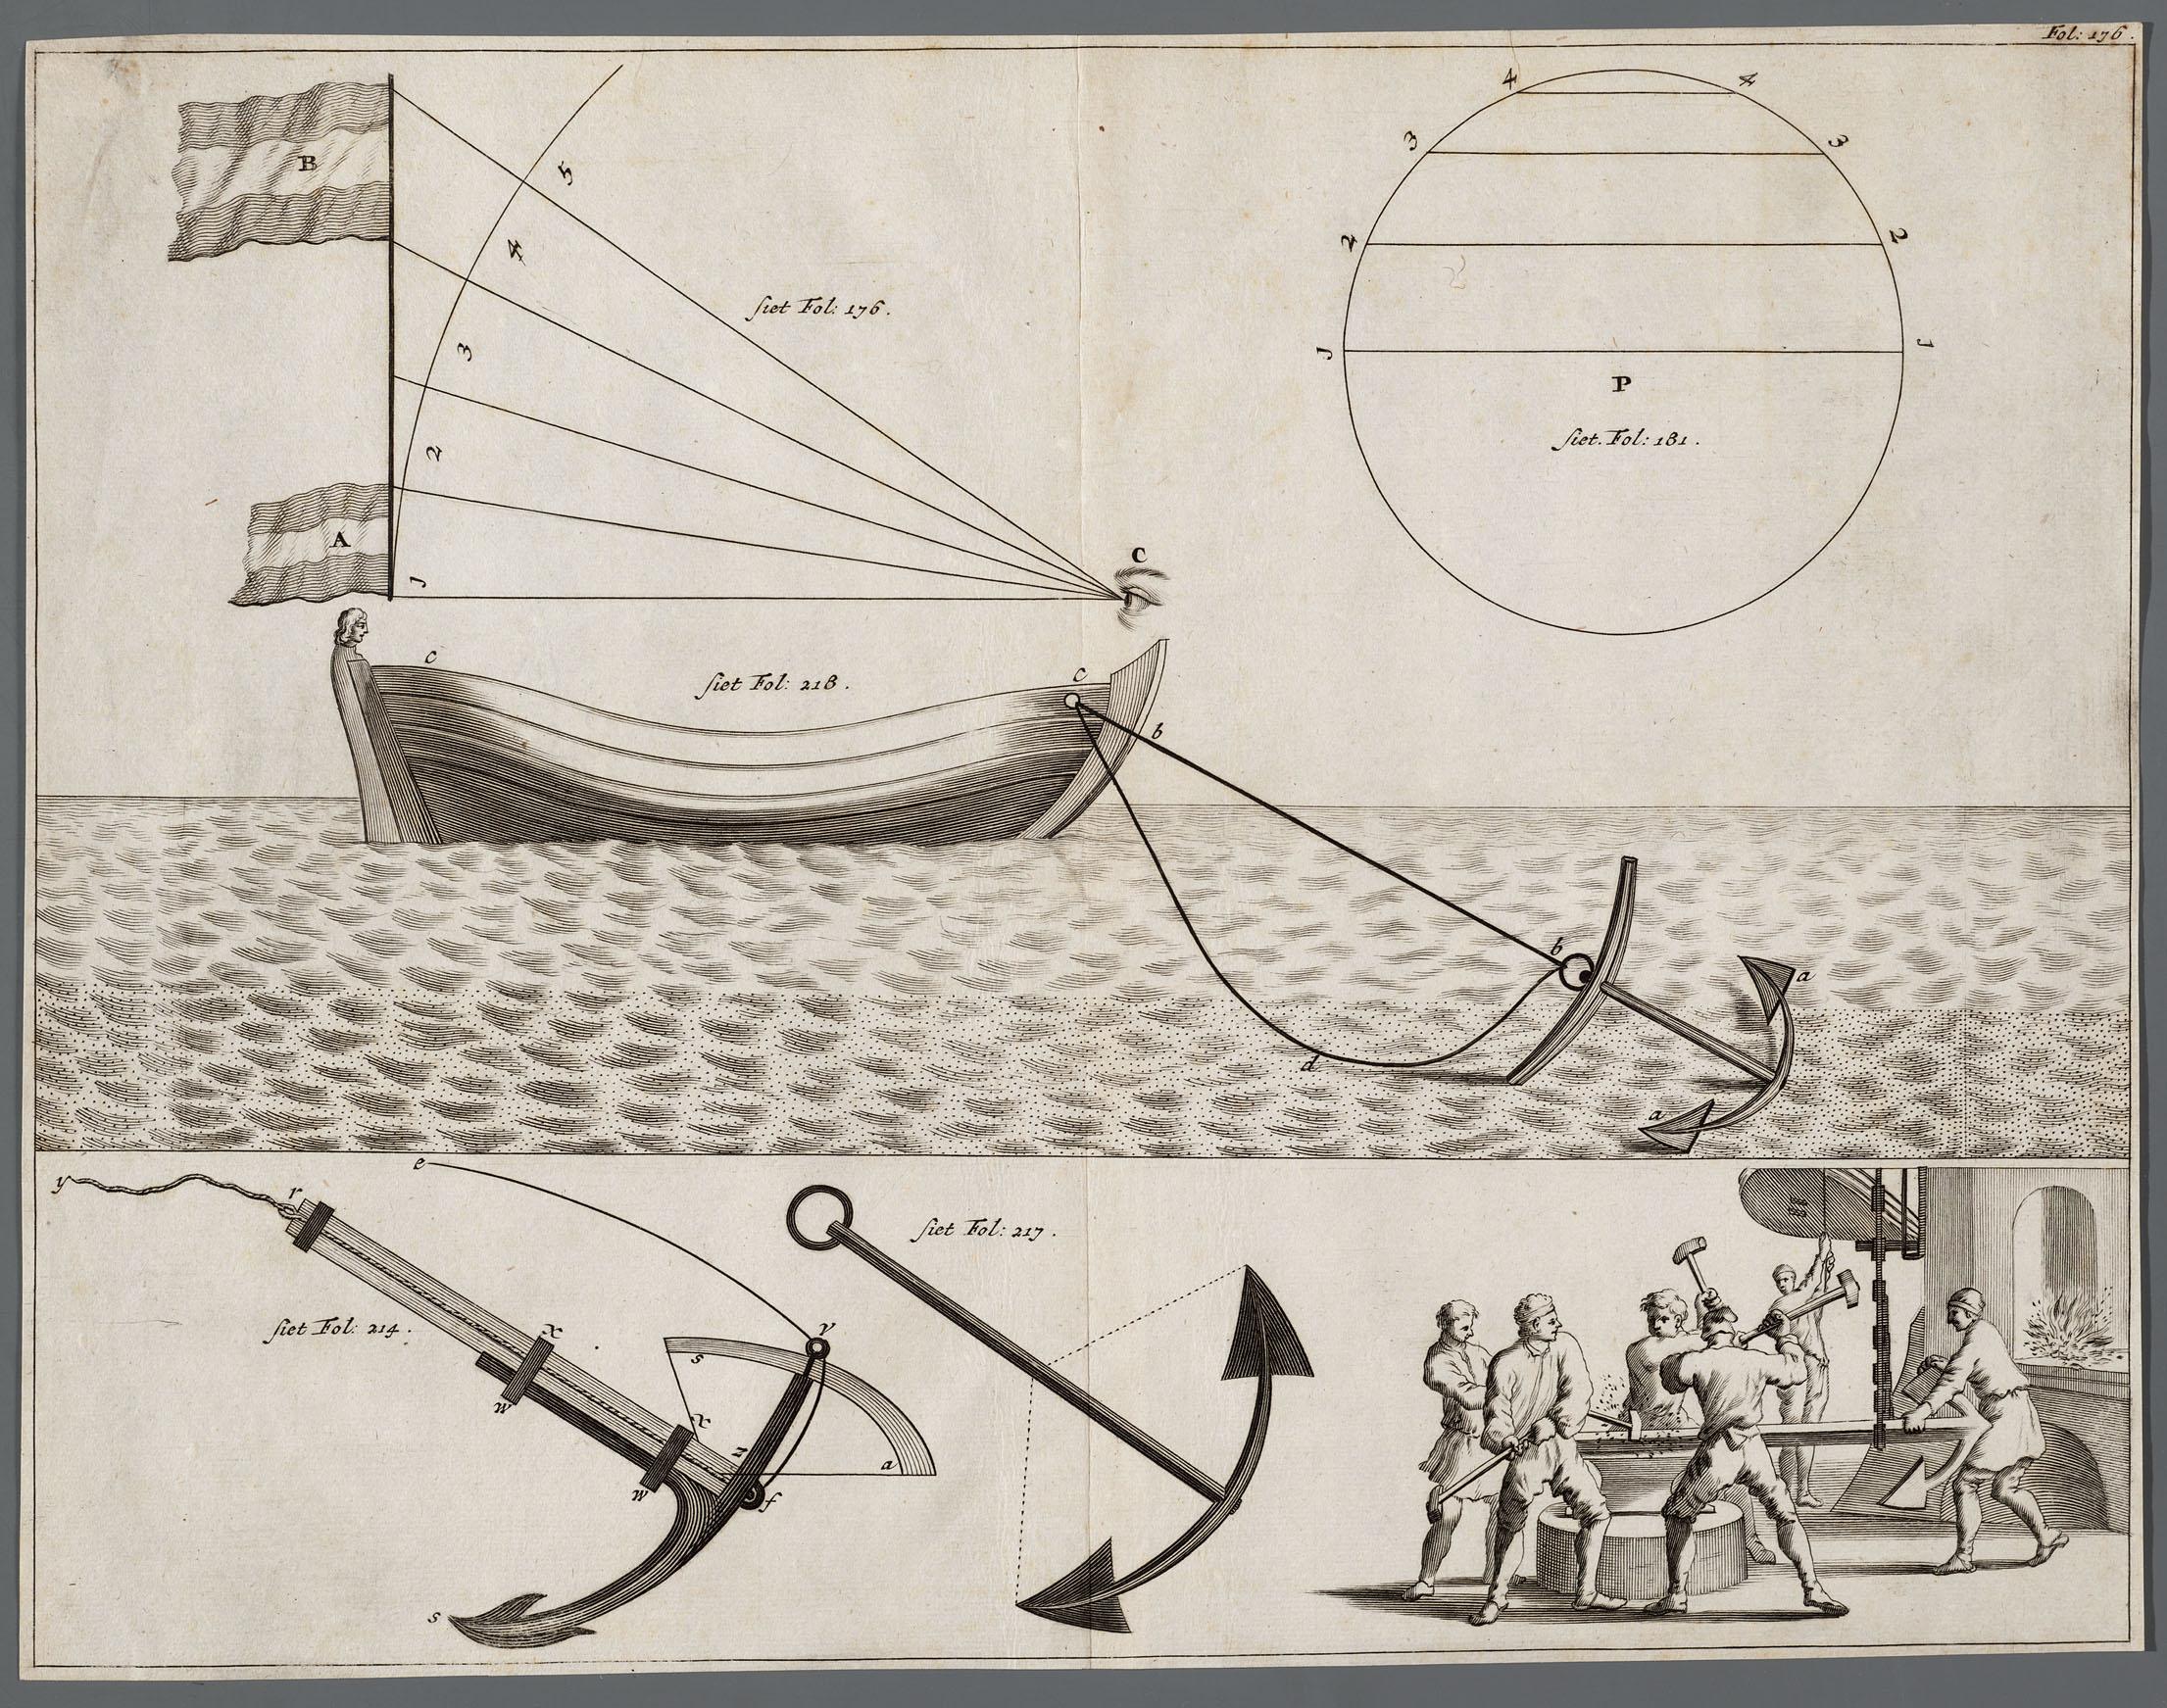 Afbeelding van het smeden van een scheepsanker het geheugen van nederland online beeldbank - Smeden van ijzeren ...